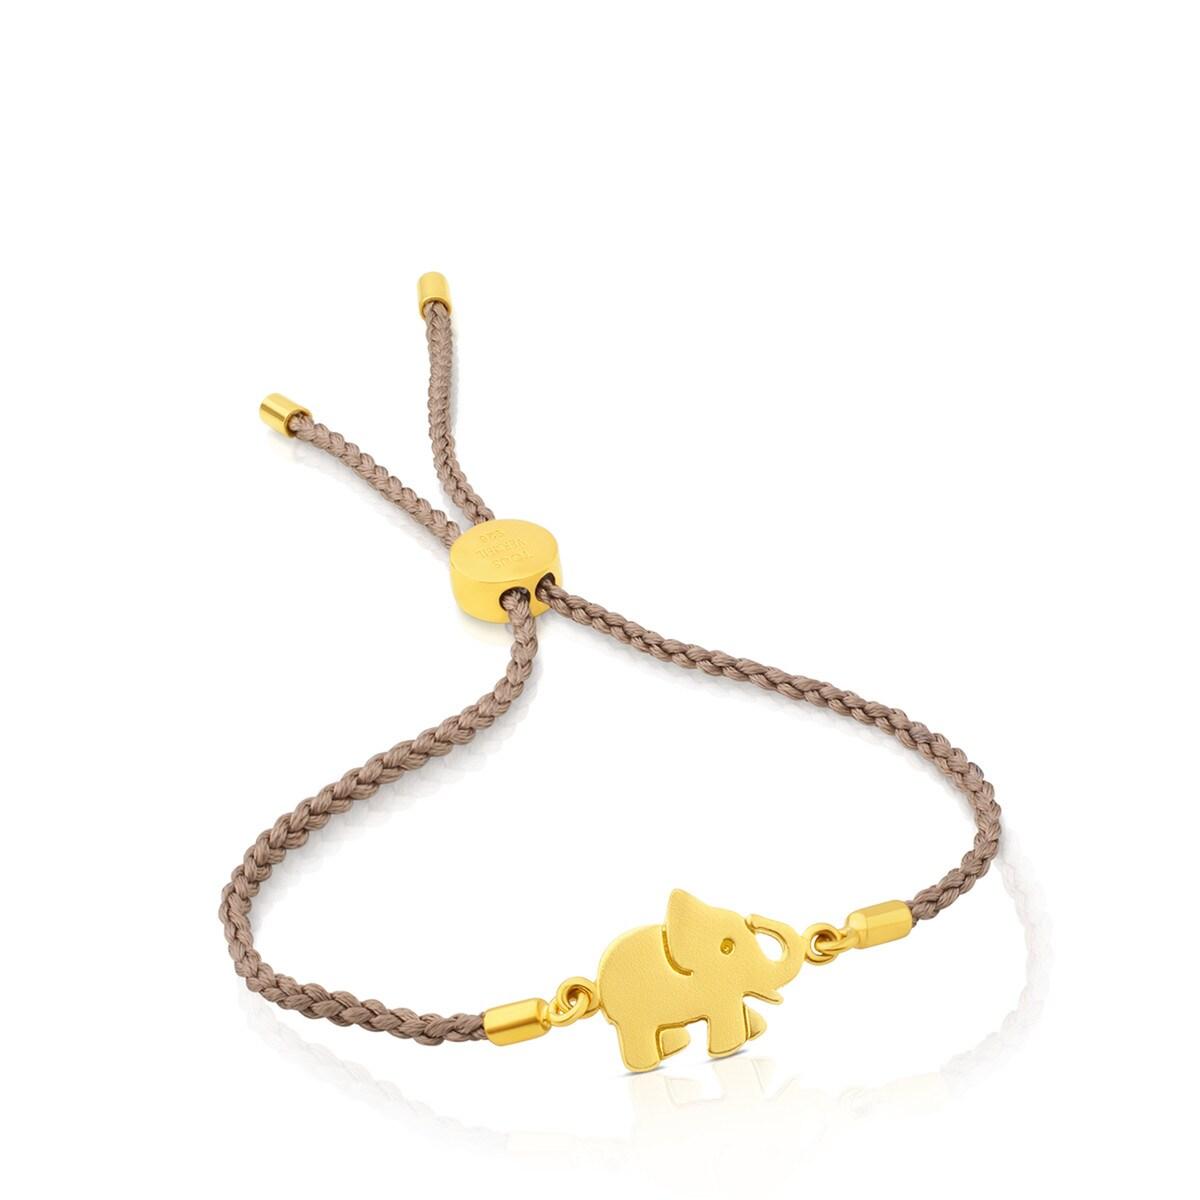 d3cf61d2b7b8 Vermeil Silver Idol Luck Bracelet with beige Cord - Tous Site Puerto ...